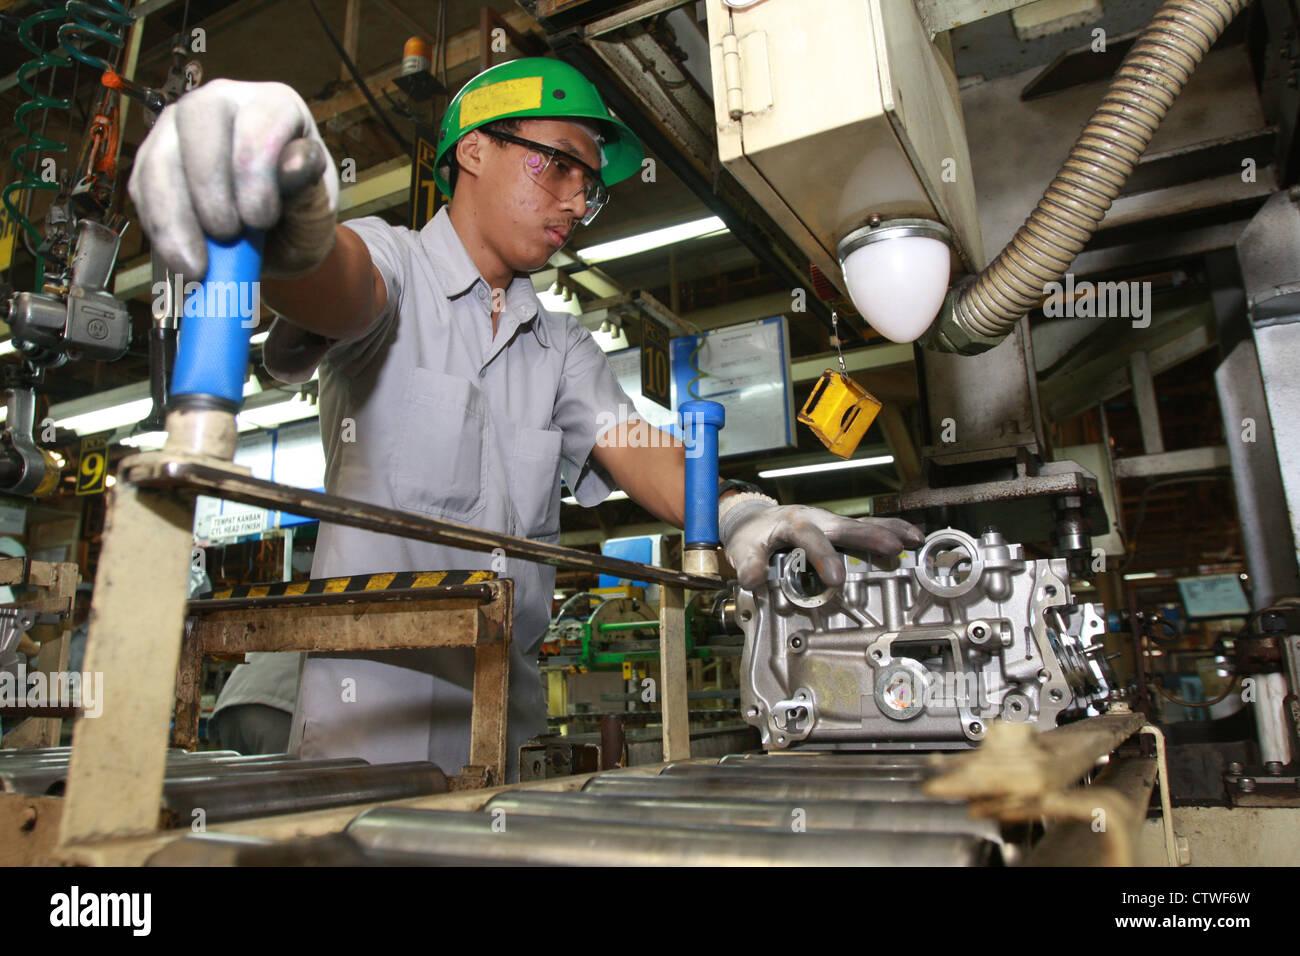 Un travailleur assembler la machine dans une usine Photo Stock